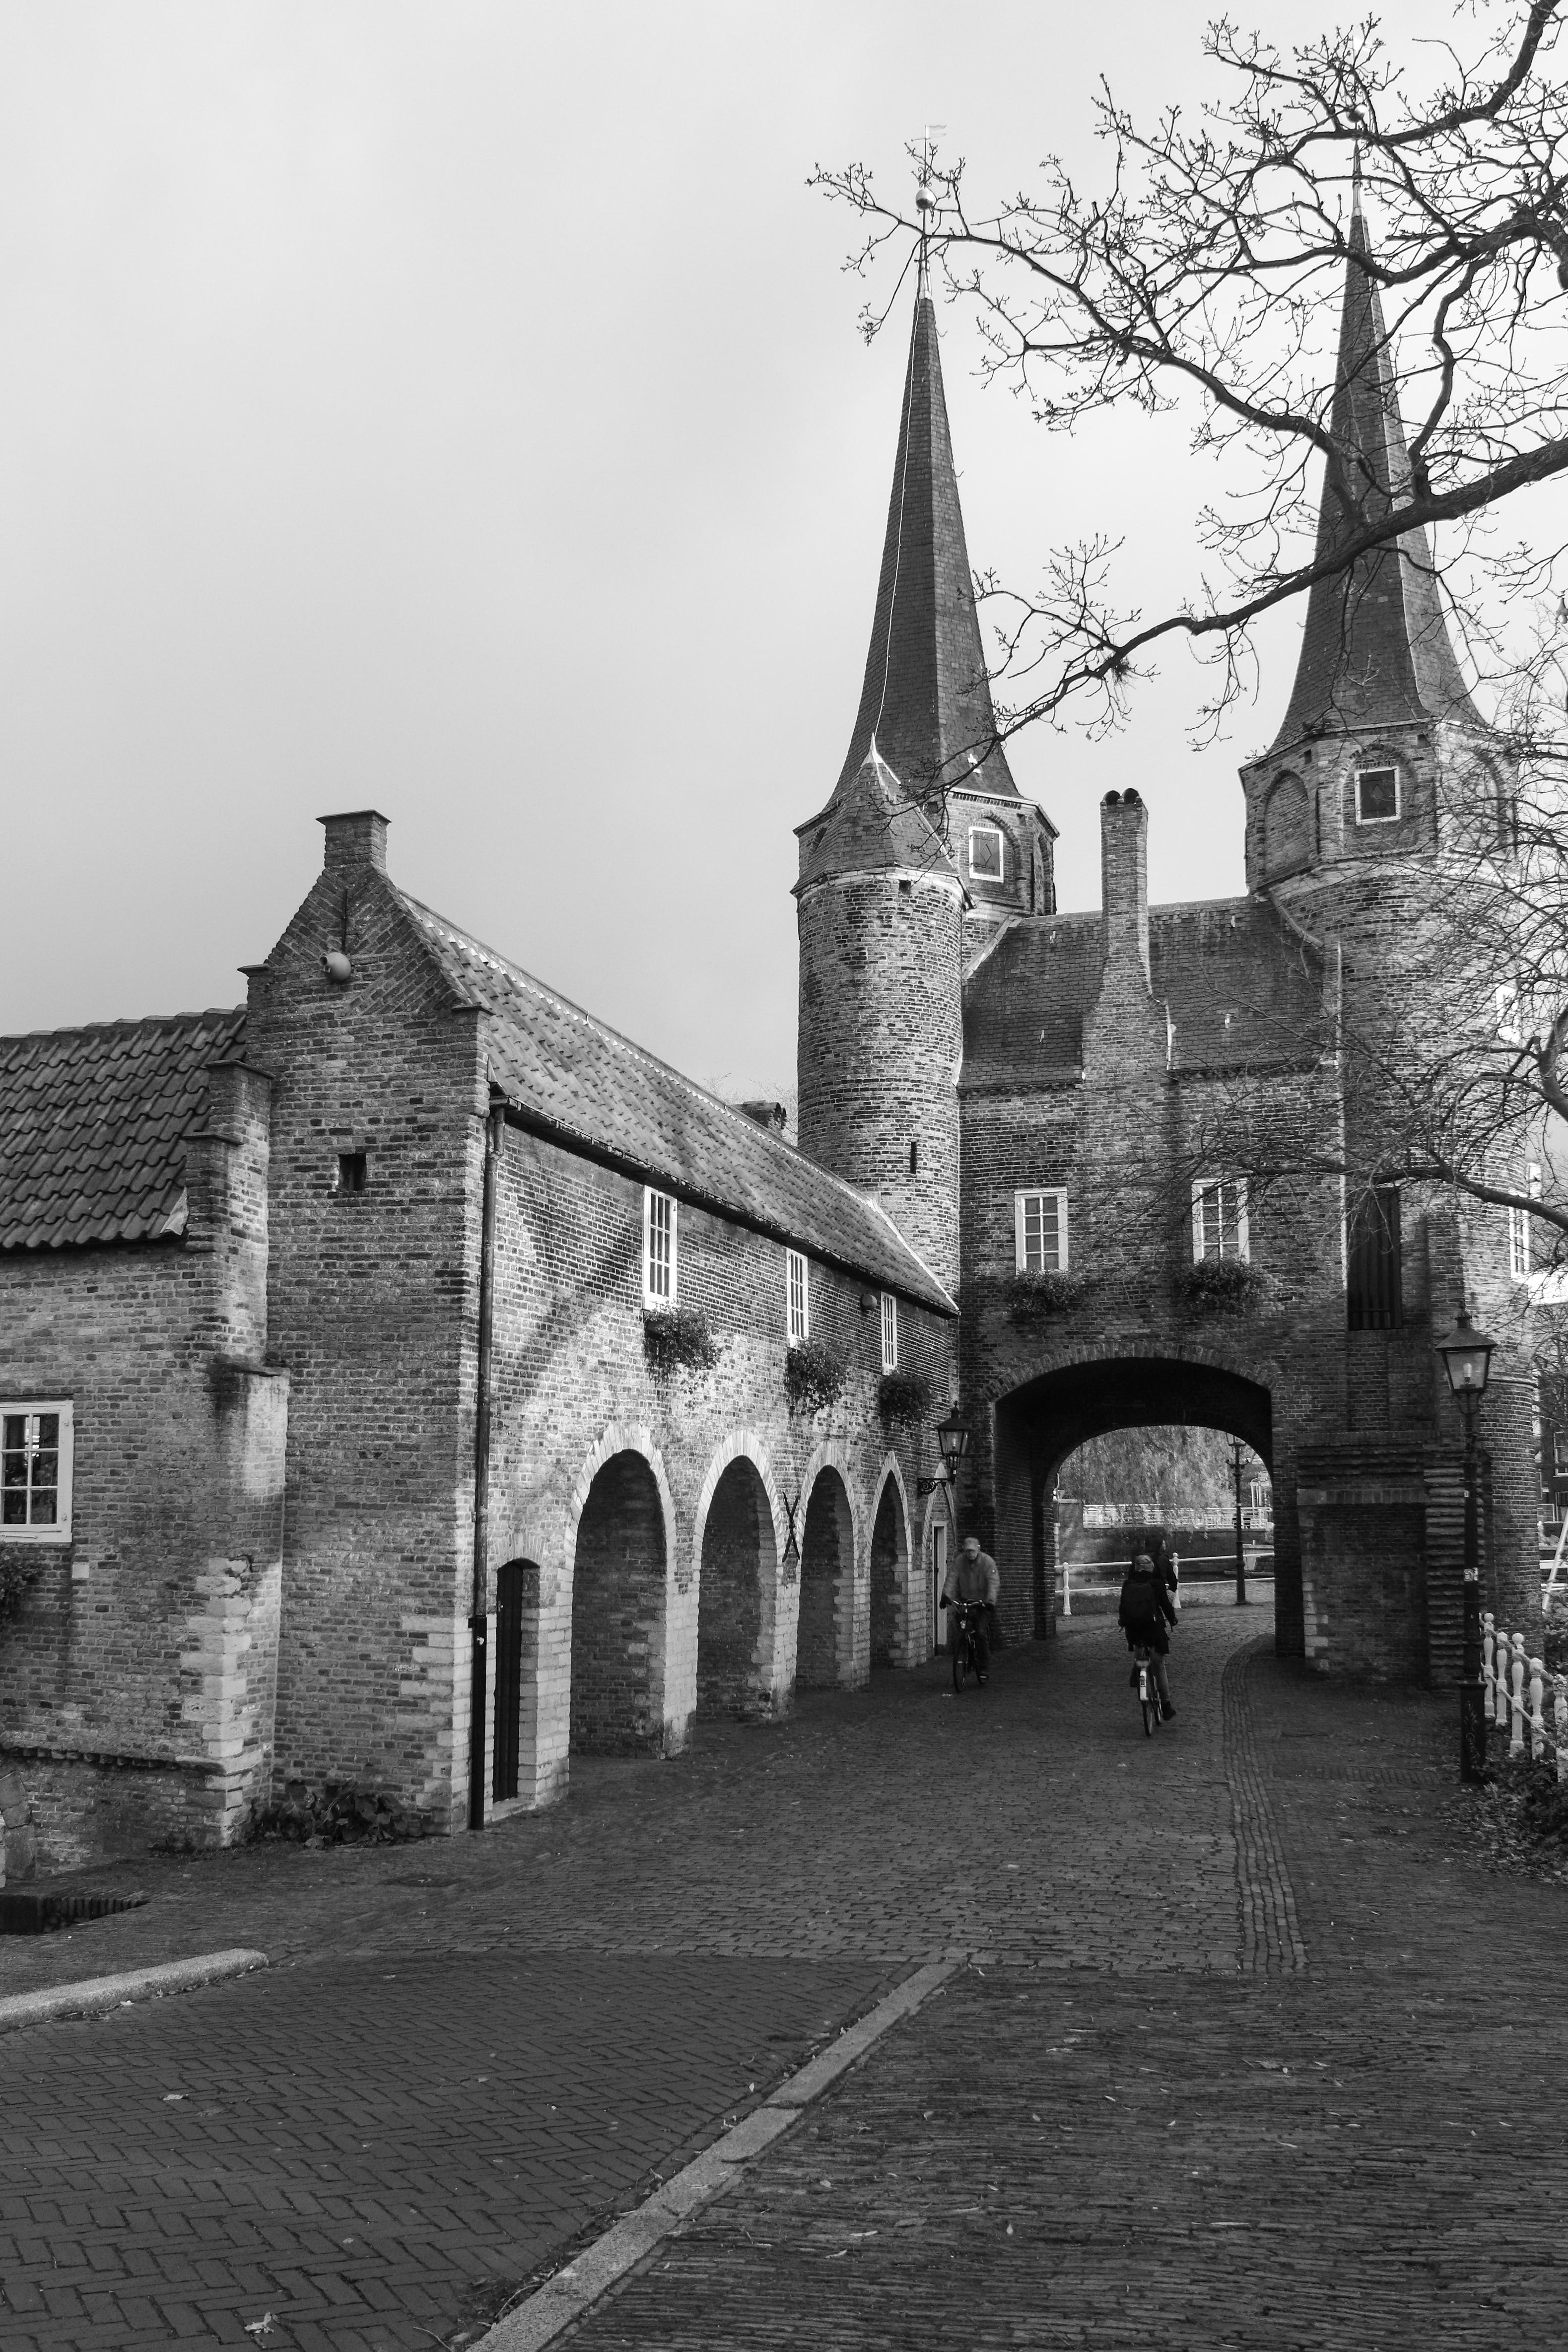 Oostpoort, Delft, Netherlands